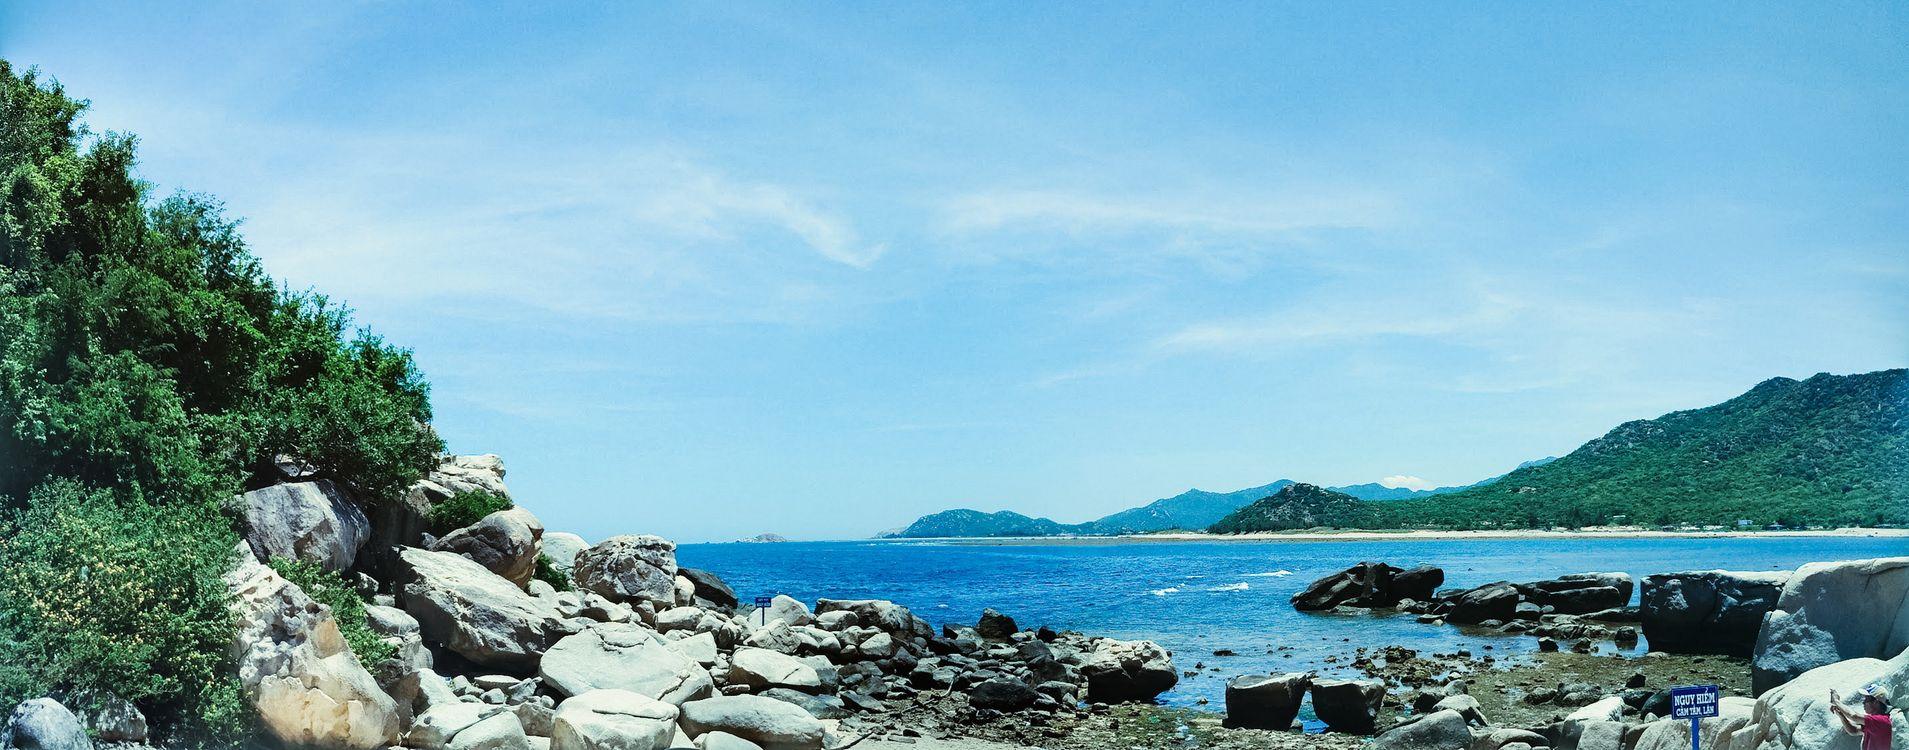 Фото бесплатно пейзаж, воды, небо, природа, море, берег, дерево, камень, мыс, залив, туризм, облако, прибрежные и океанические рельефы, океан, гора, пейзажи